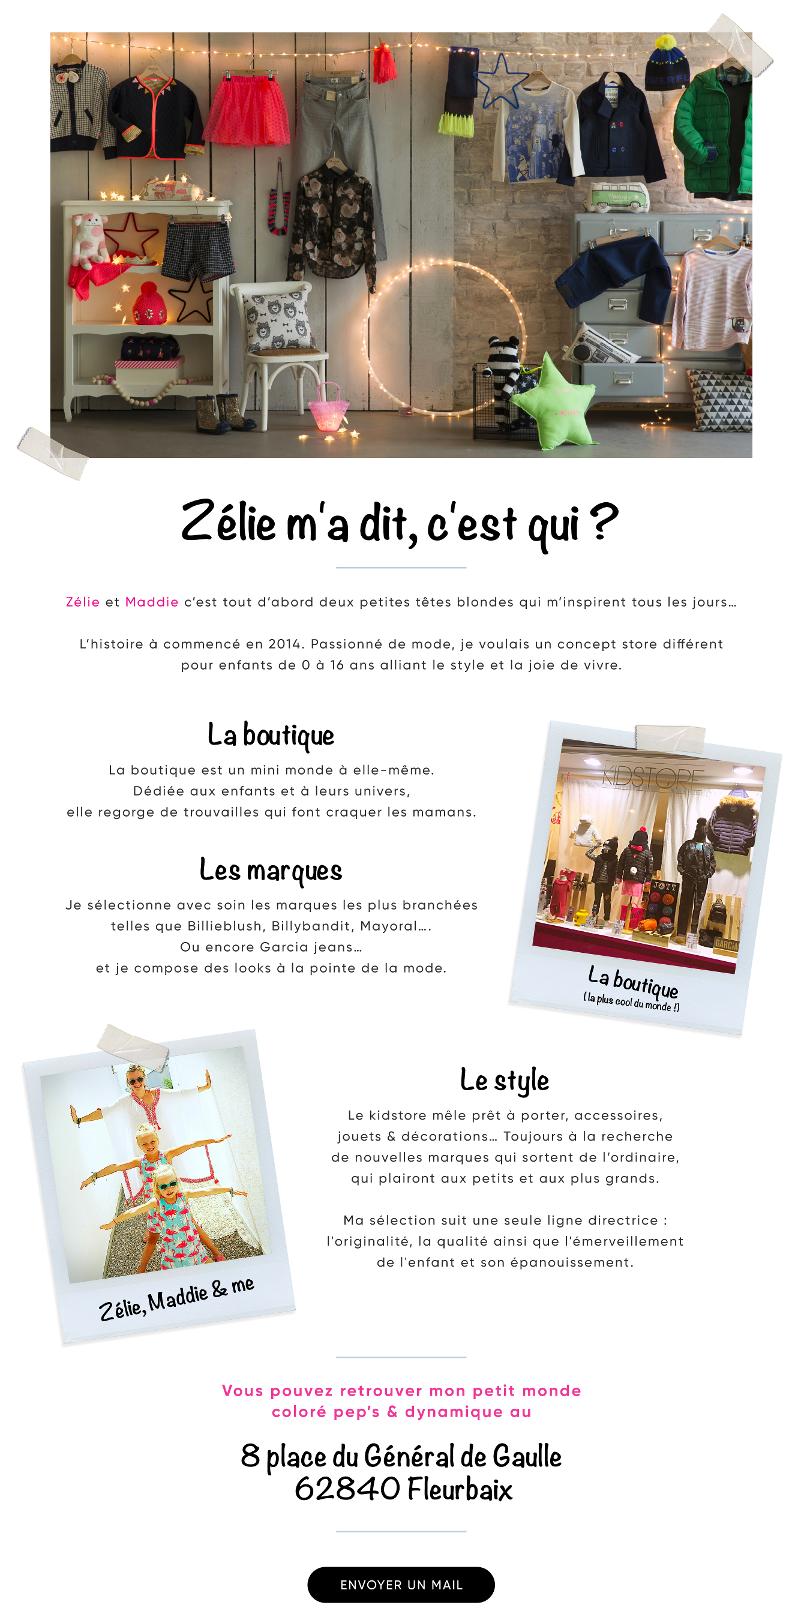 Zeliemadit.fr - Découvrez notre histoire en image